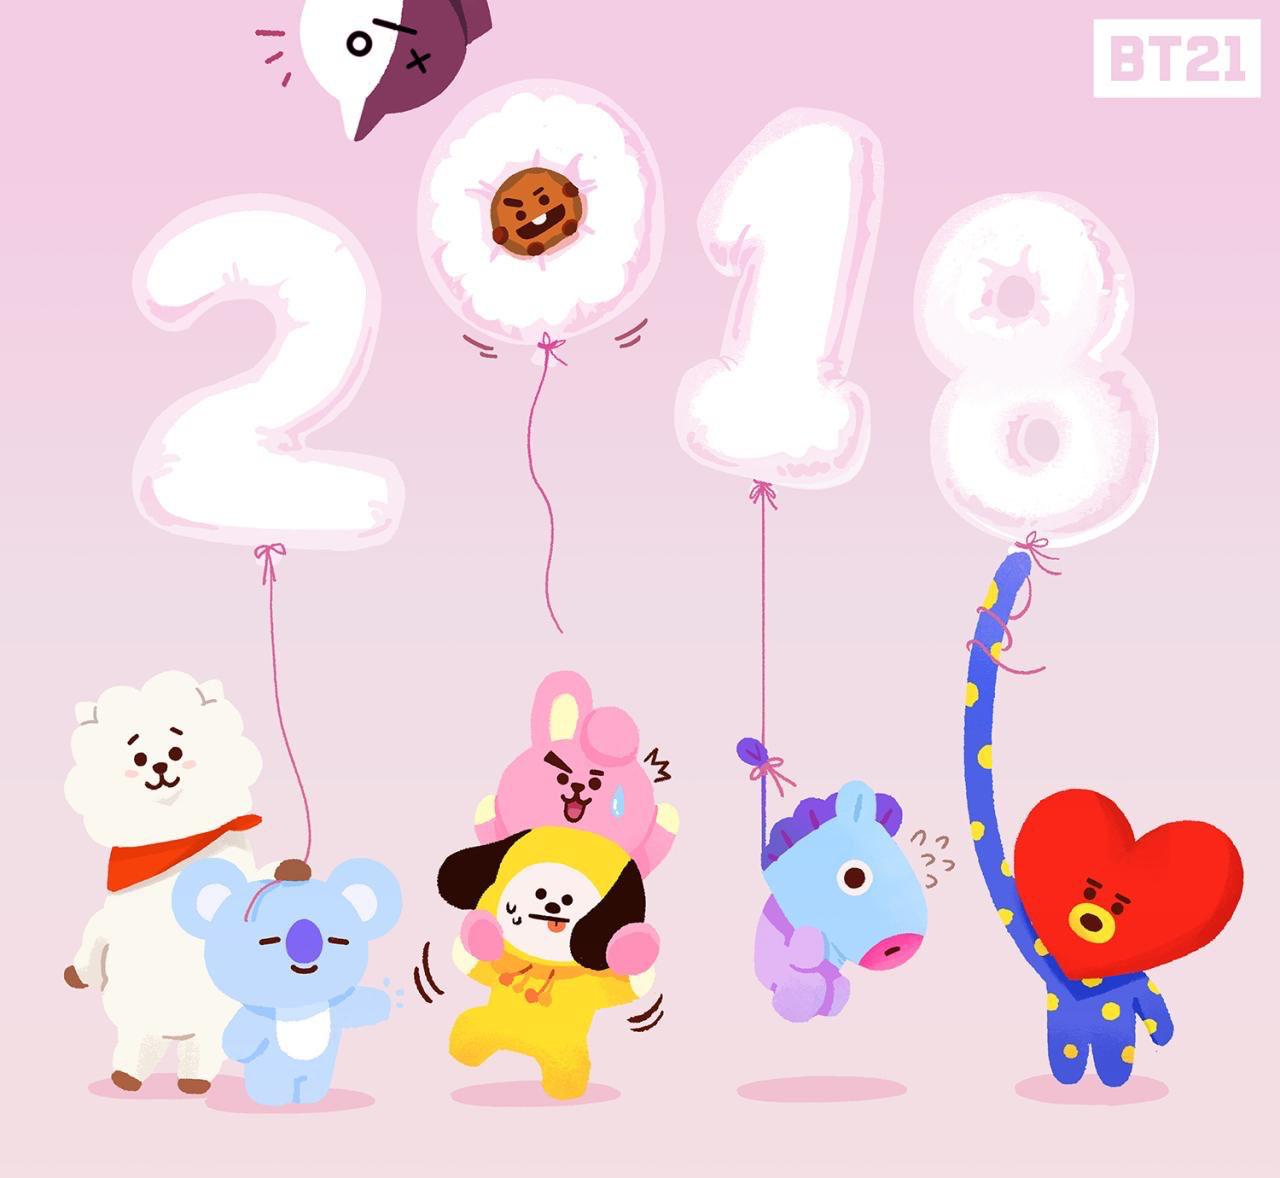 bts bt21 happy new year 2018